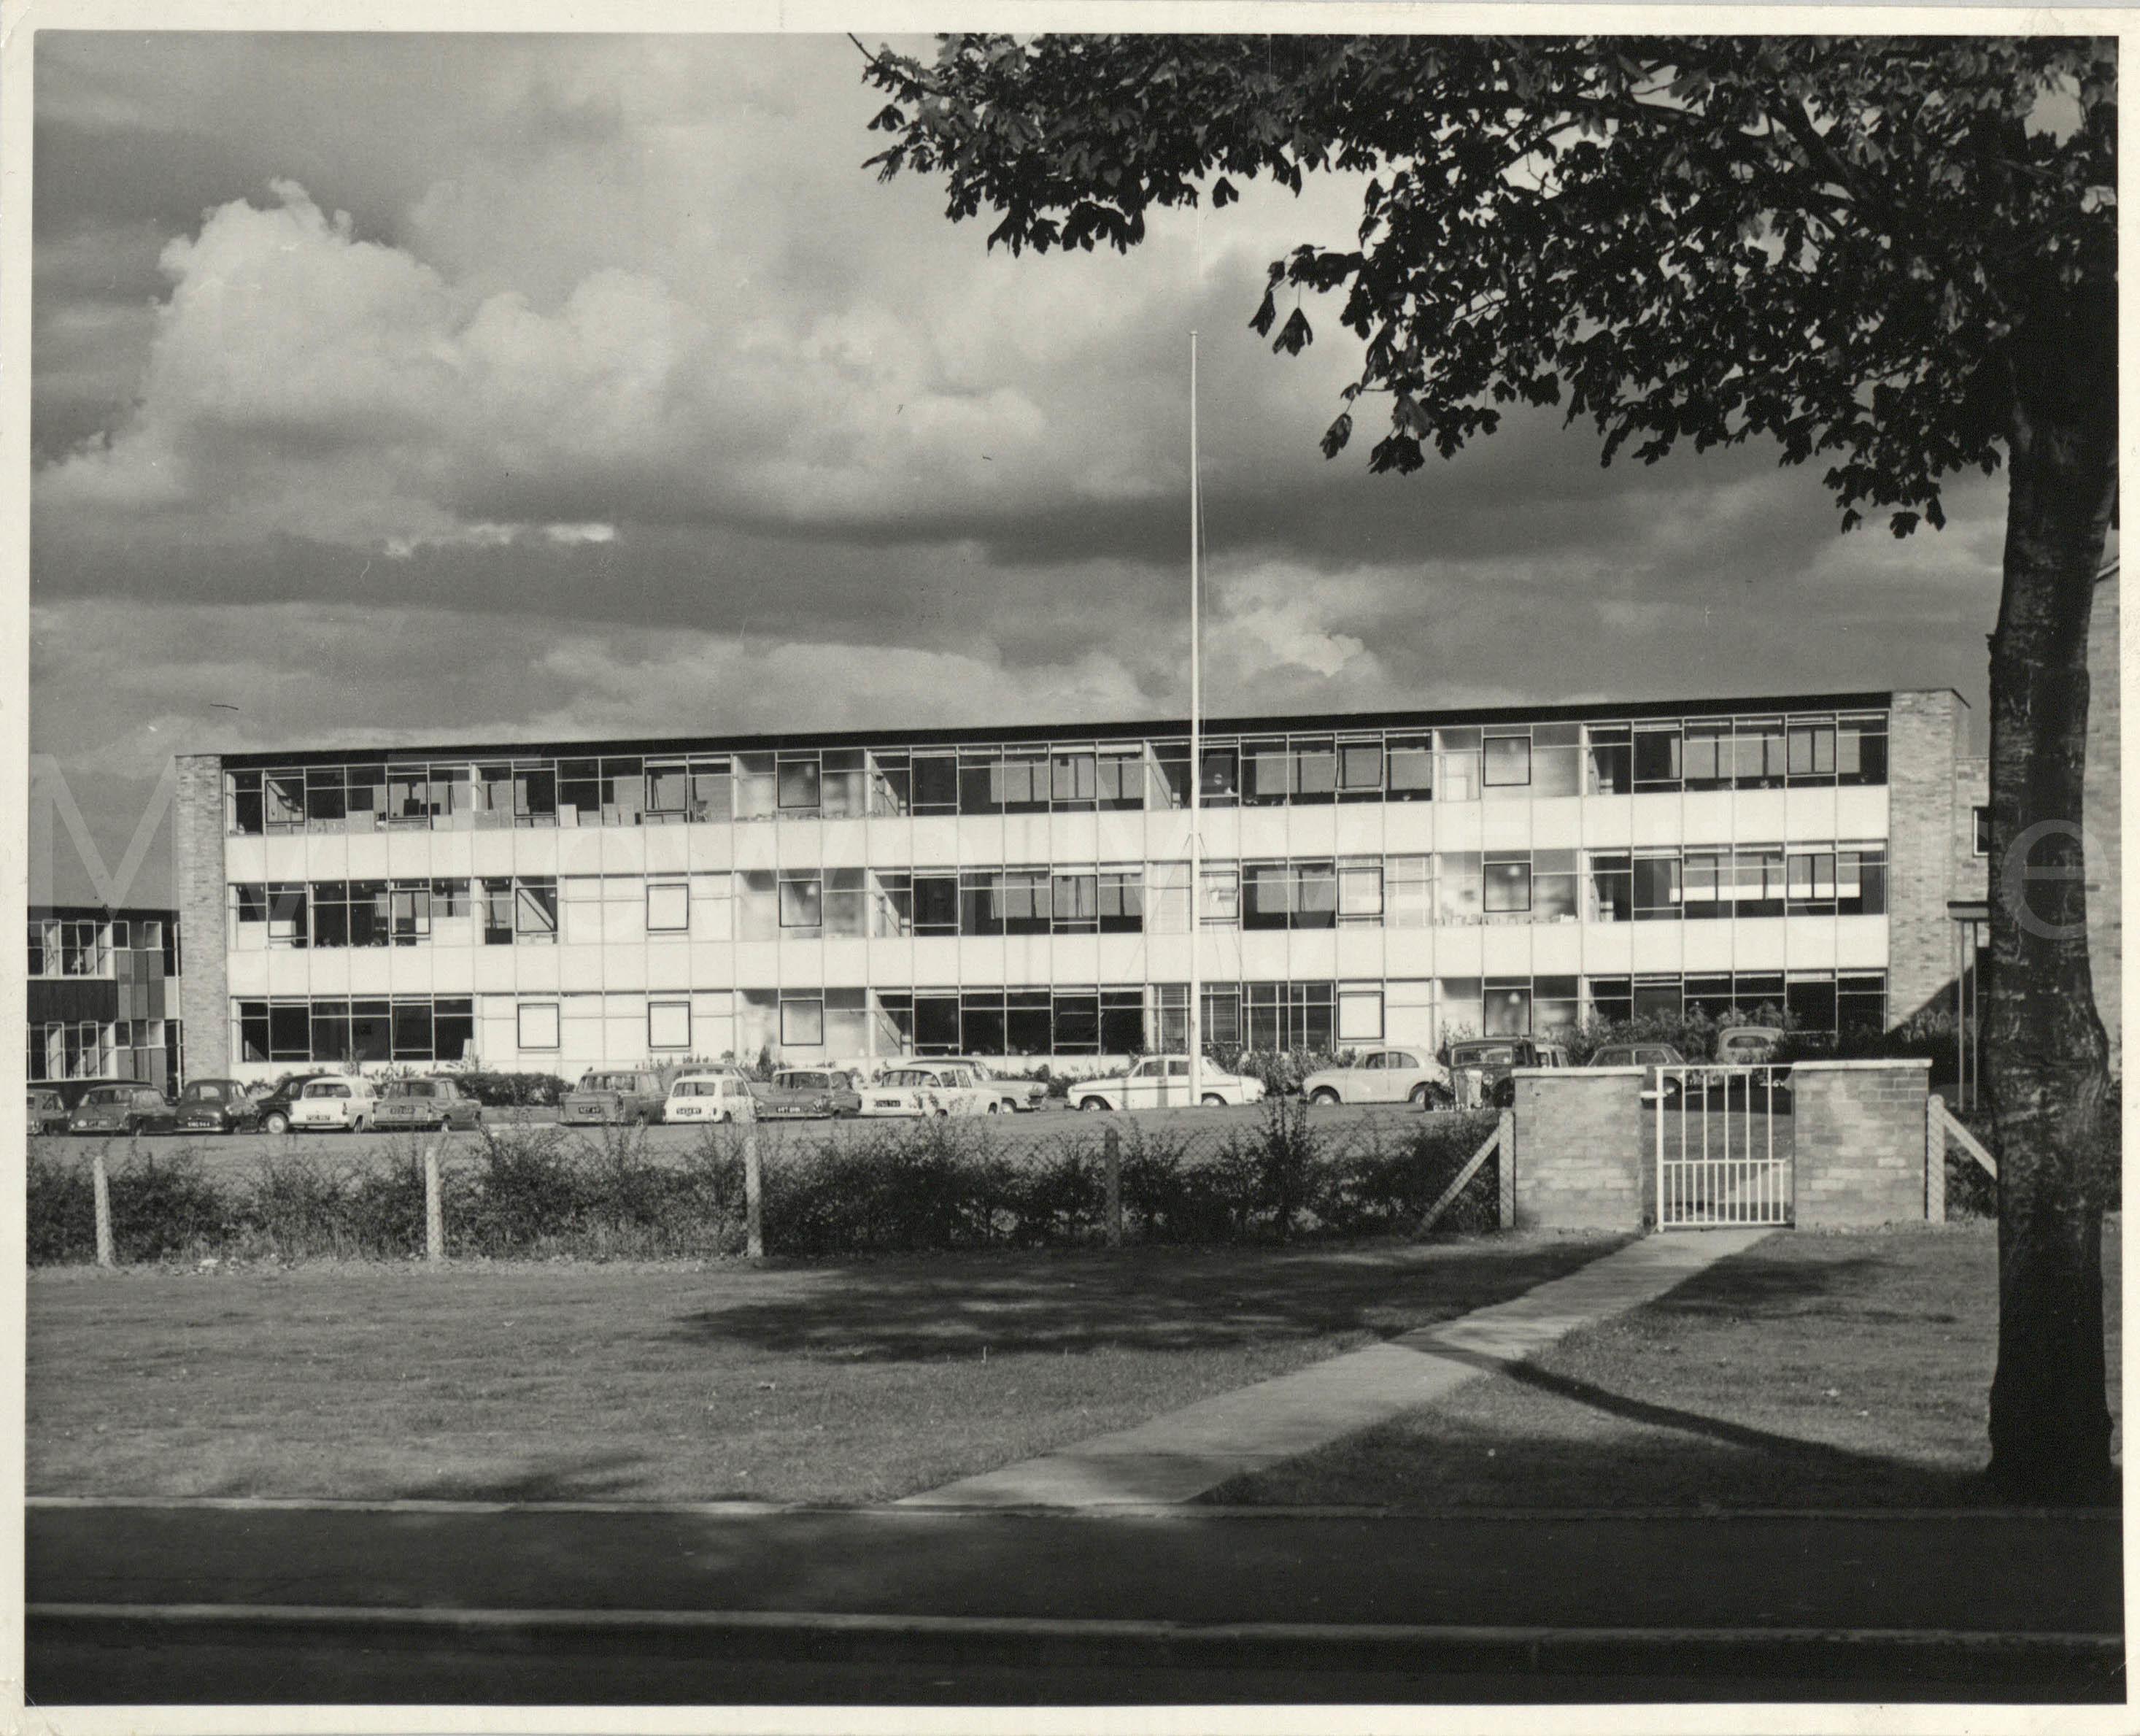 Marton Sixth Form College